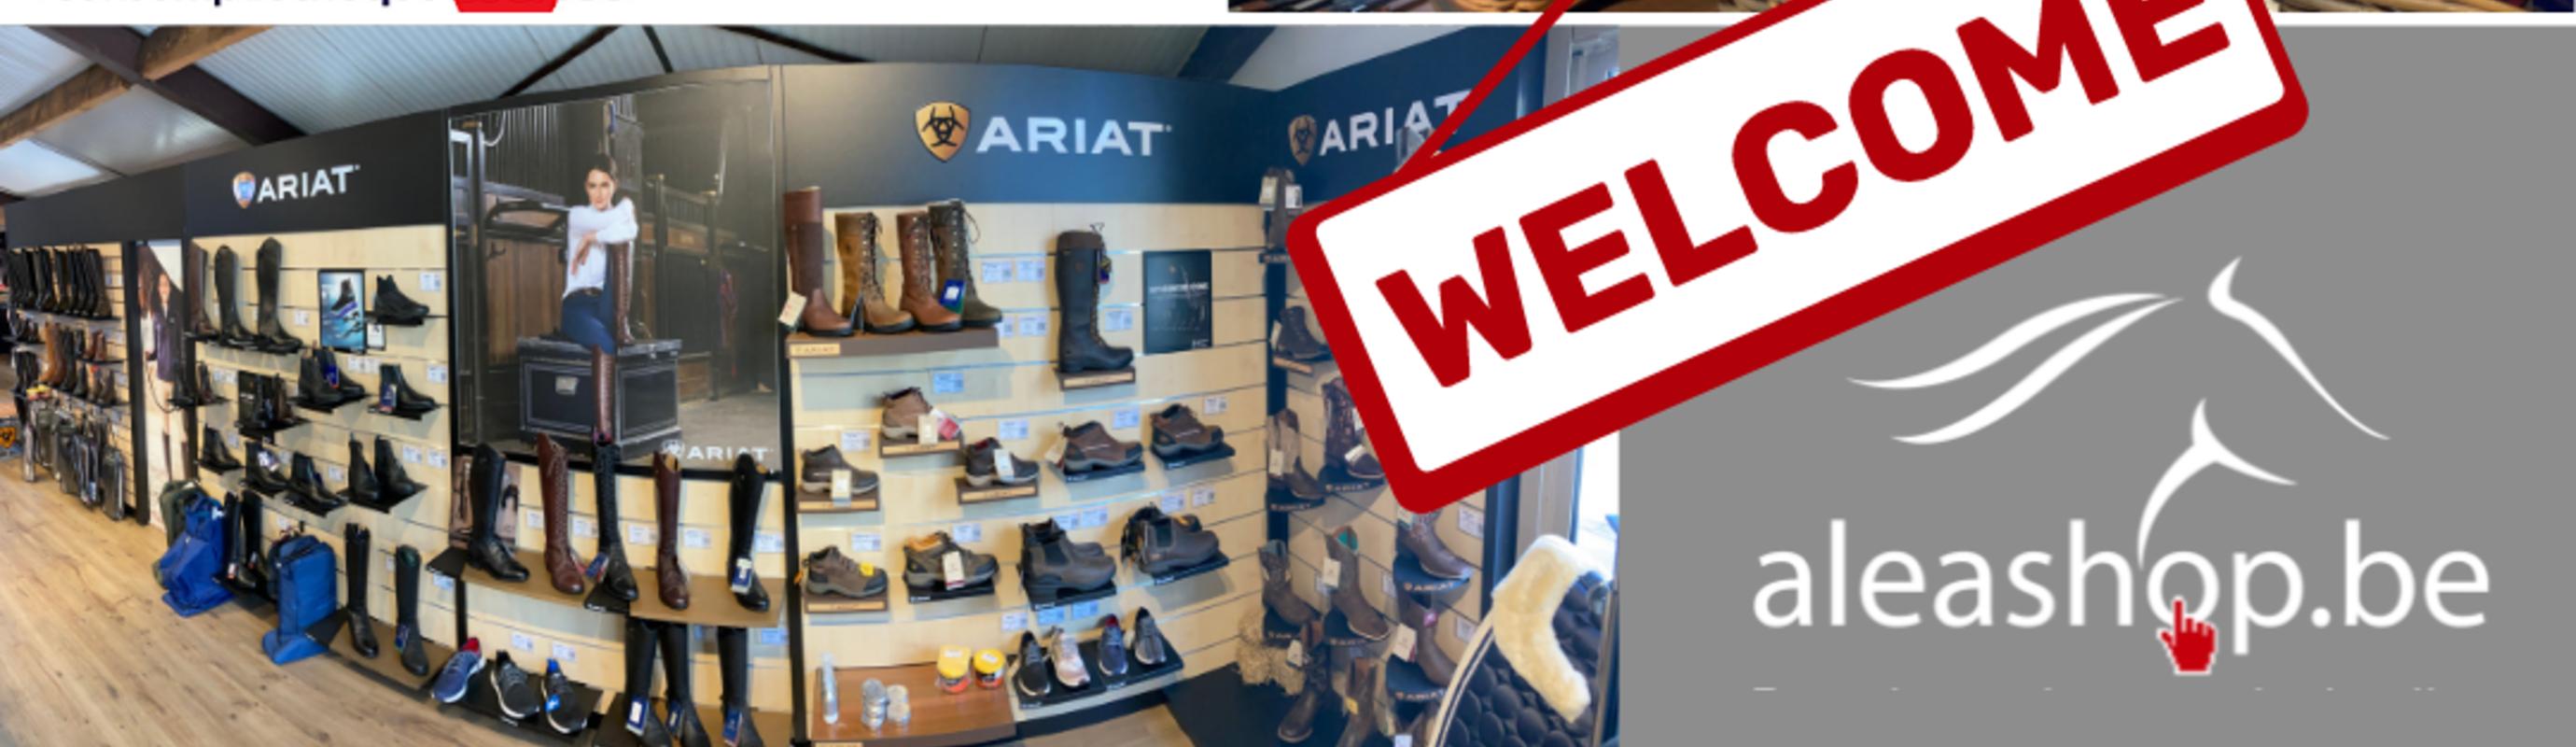 Betaling met consumptiecheques mogelijk & Ariat & Uvex acties - Nieuws juni 2021